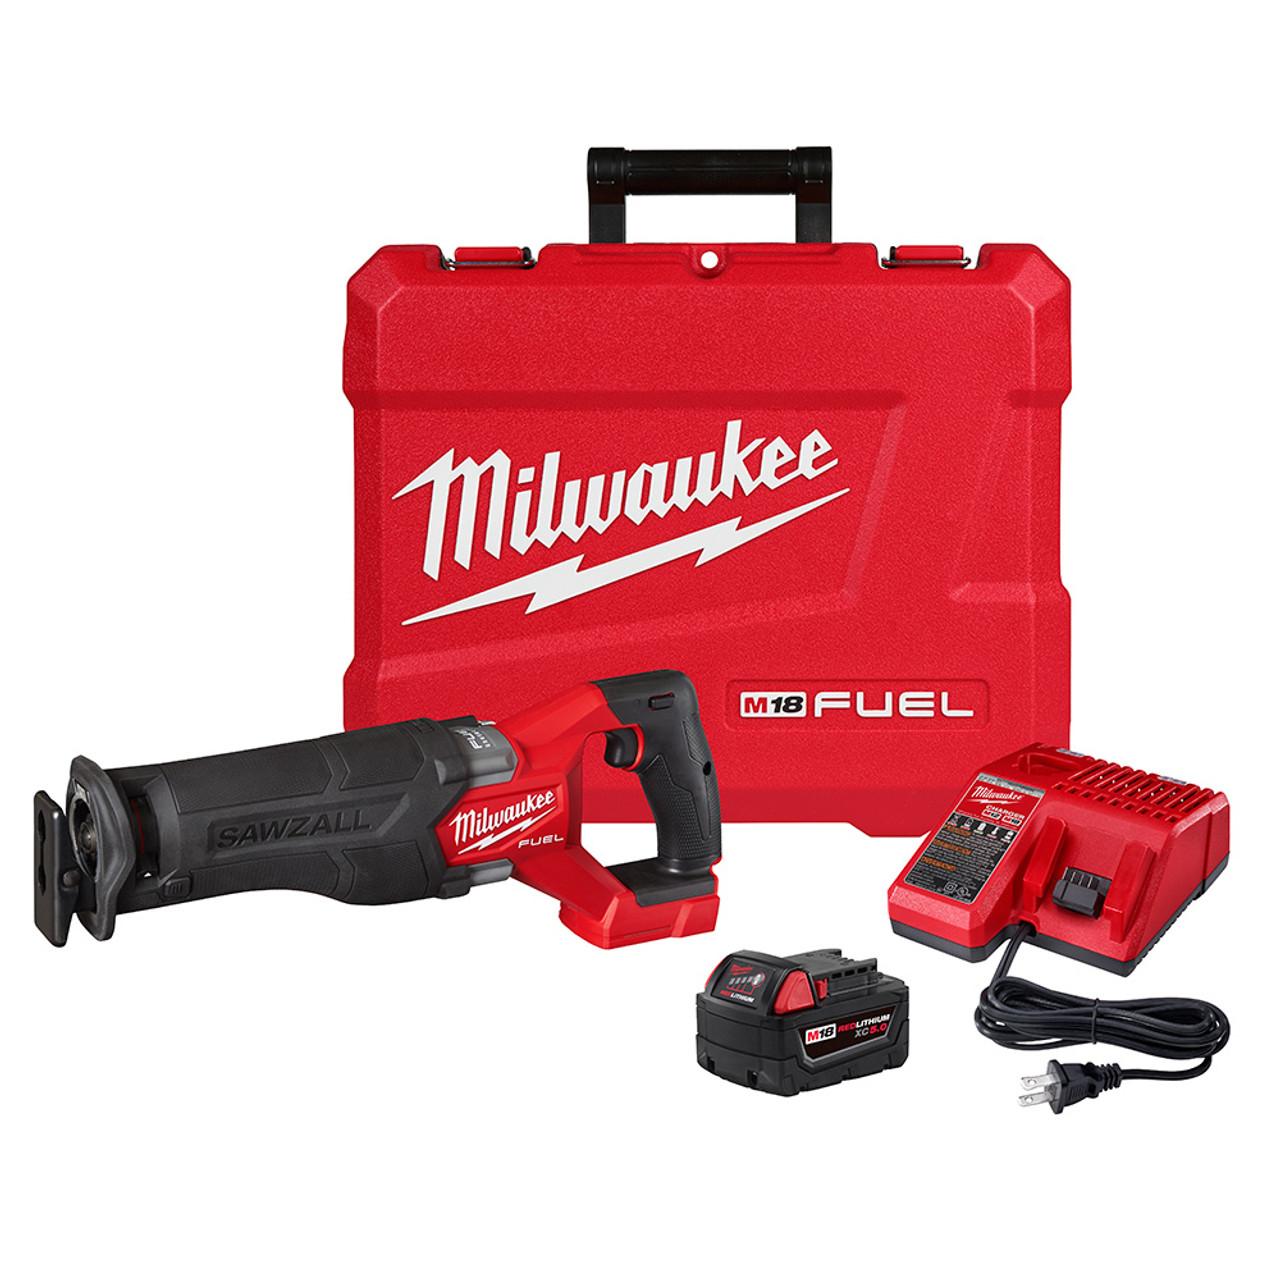 Milwaukee 2821-21 M18 FUEL SAWZALL Recip Saw Kit